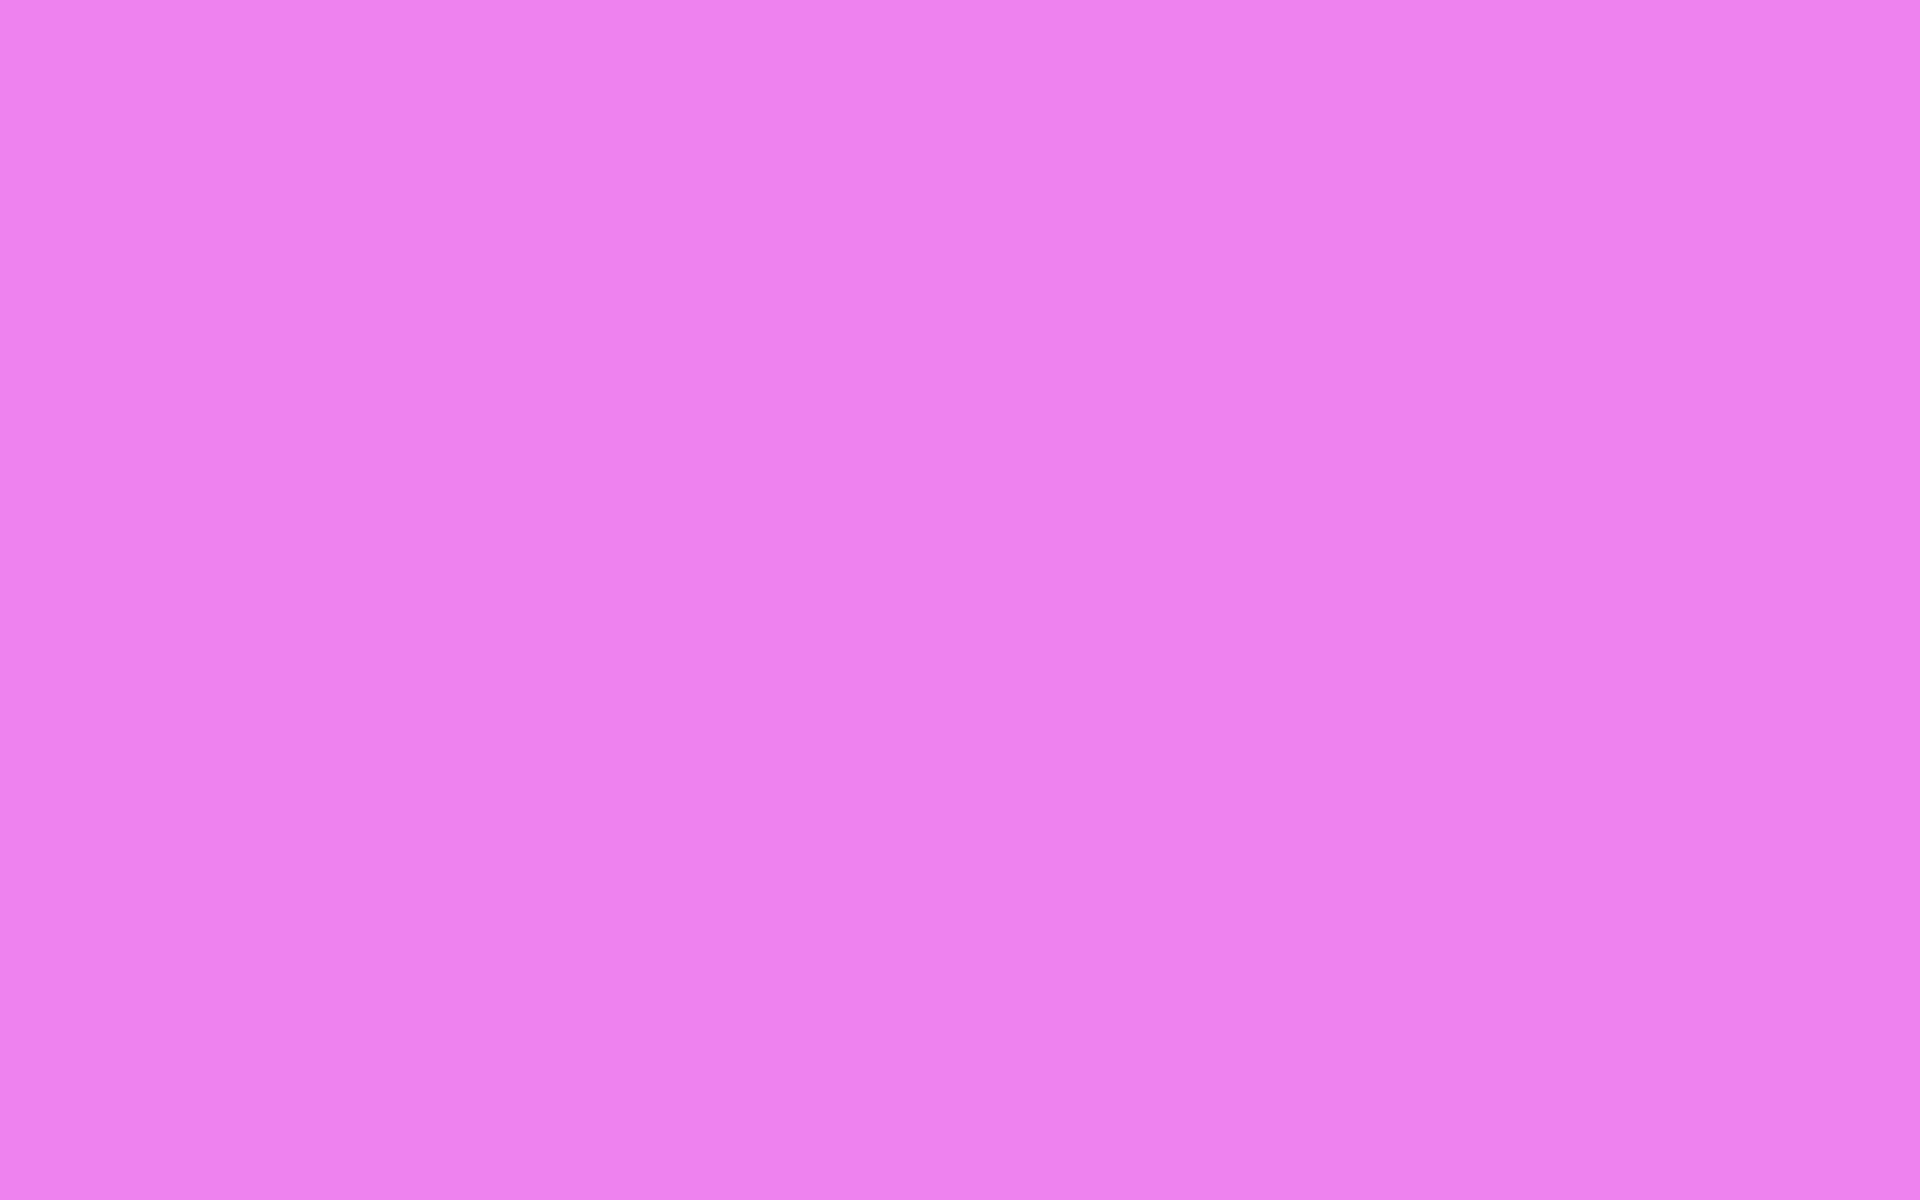 1920x1200 Violet Web Solid Color Background